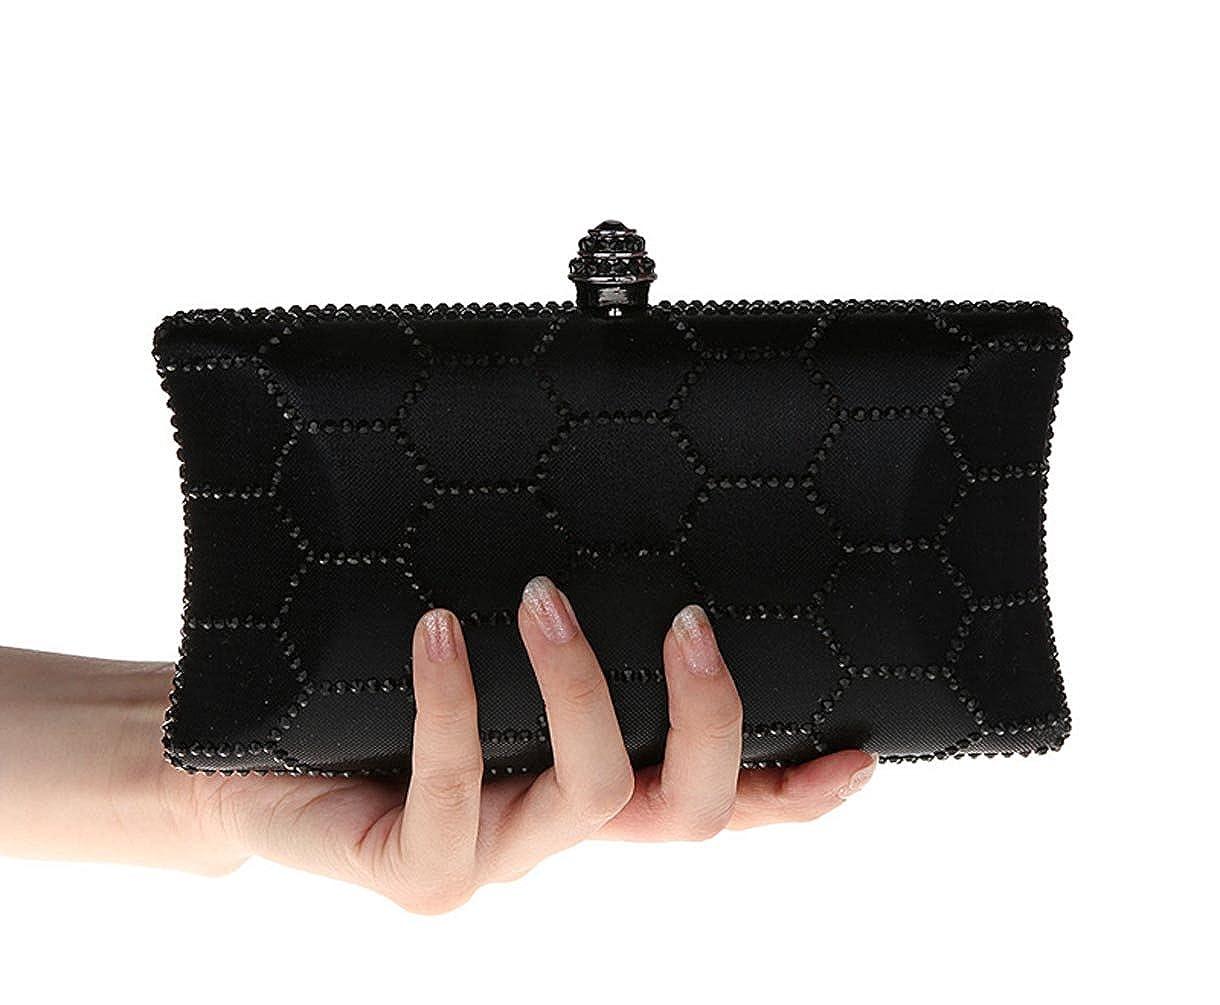 Amazon.com: KAXIDY – Embrague Noche Bolso cartera Diamante ...